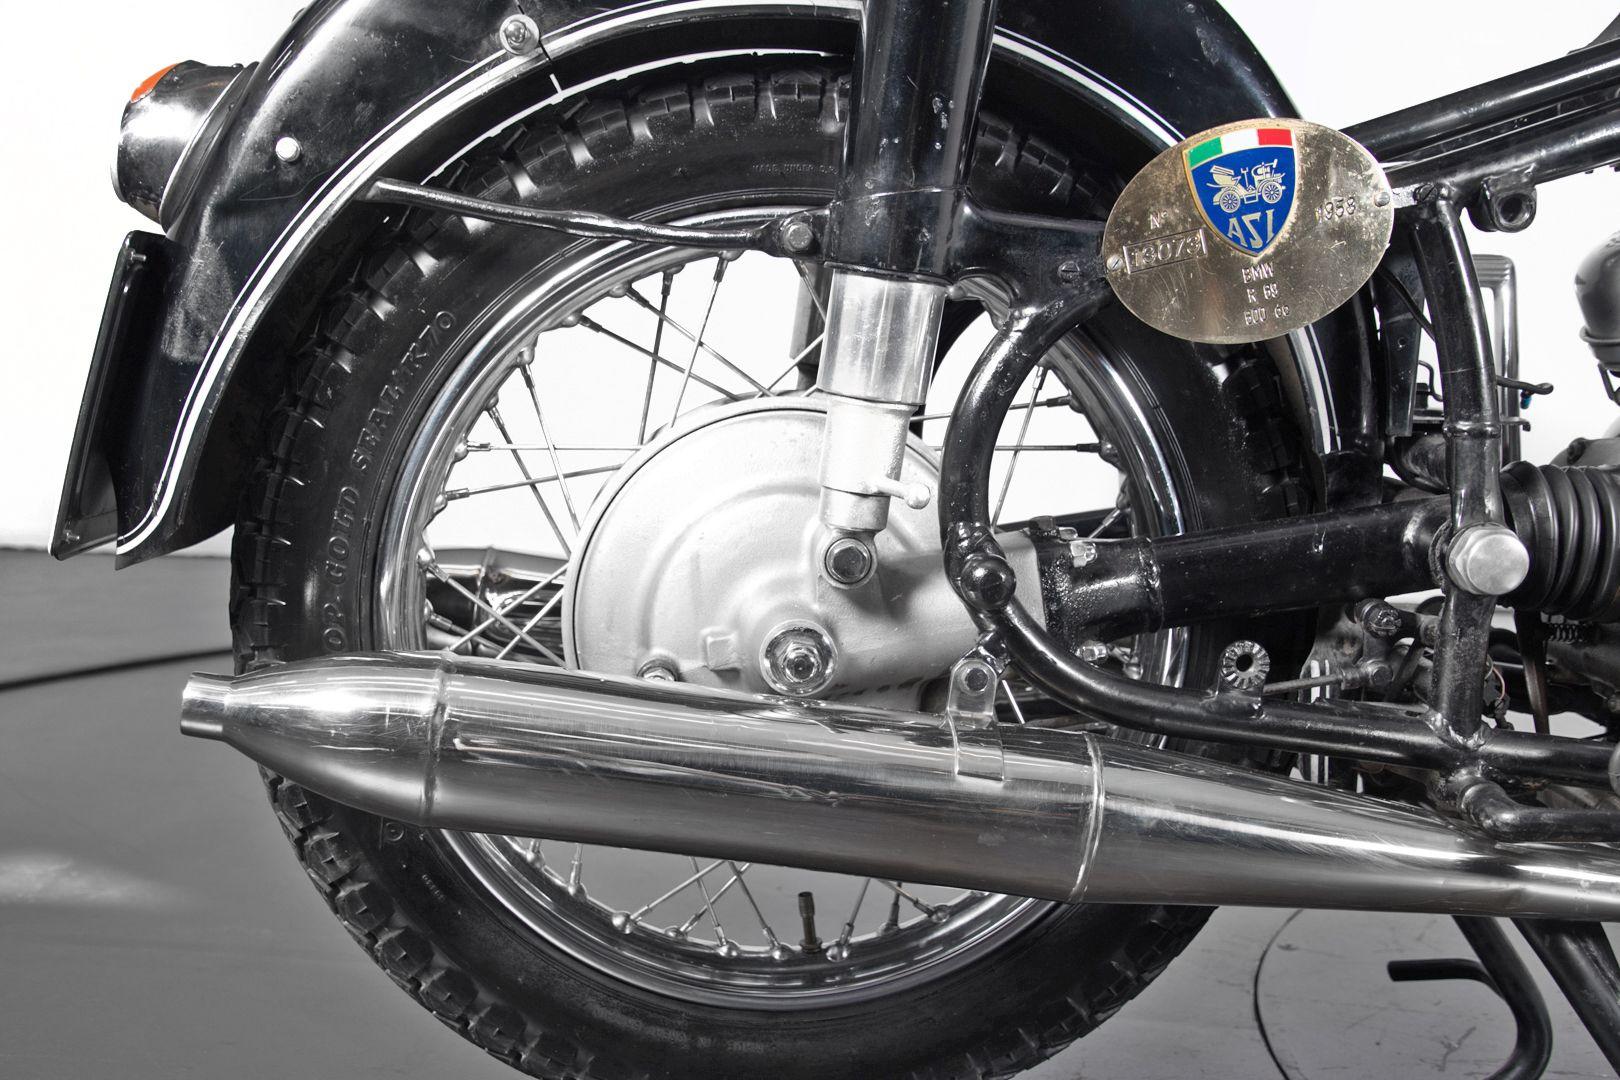 1958 BMW R 69 41266